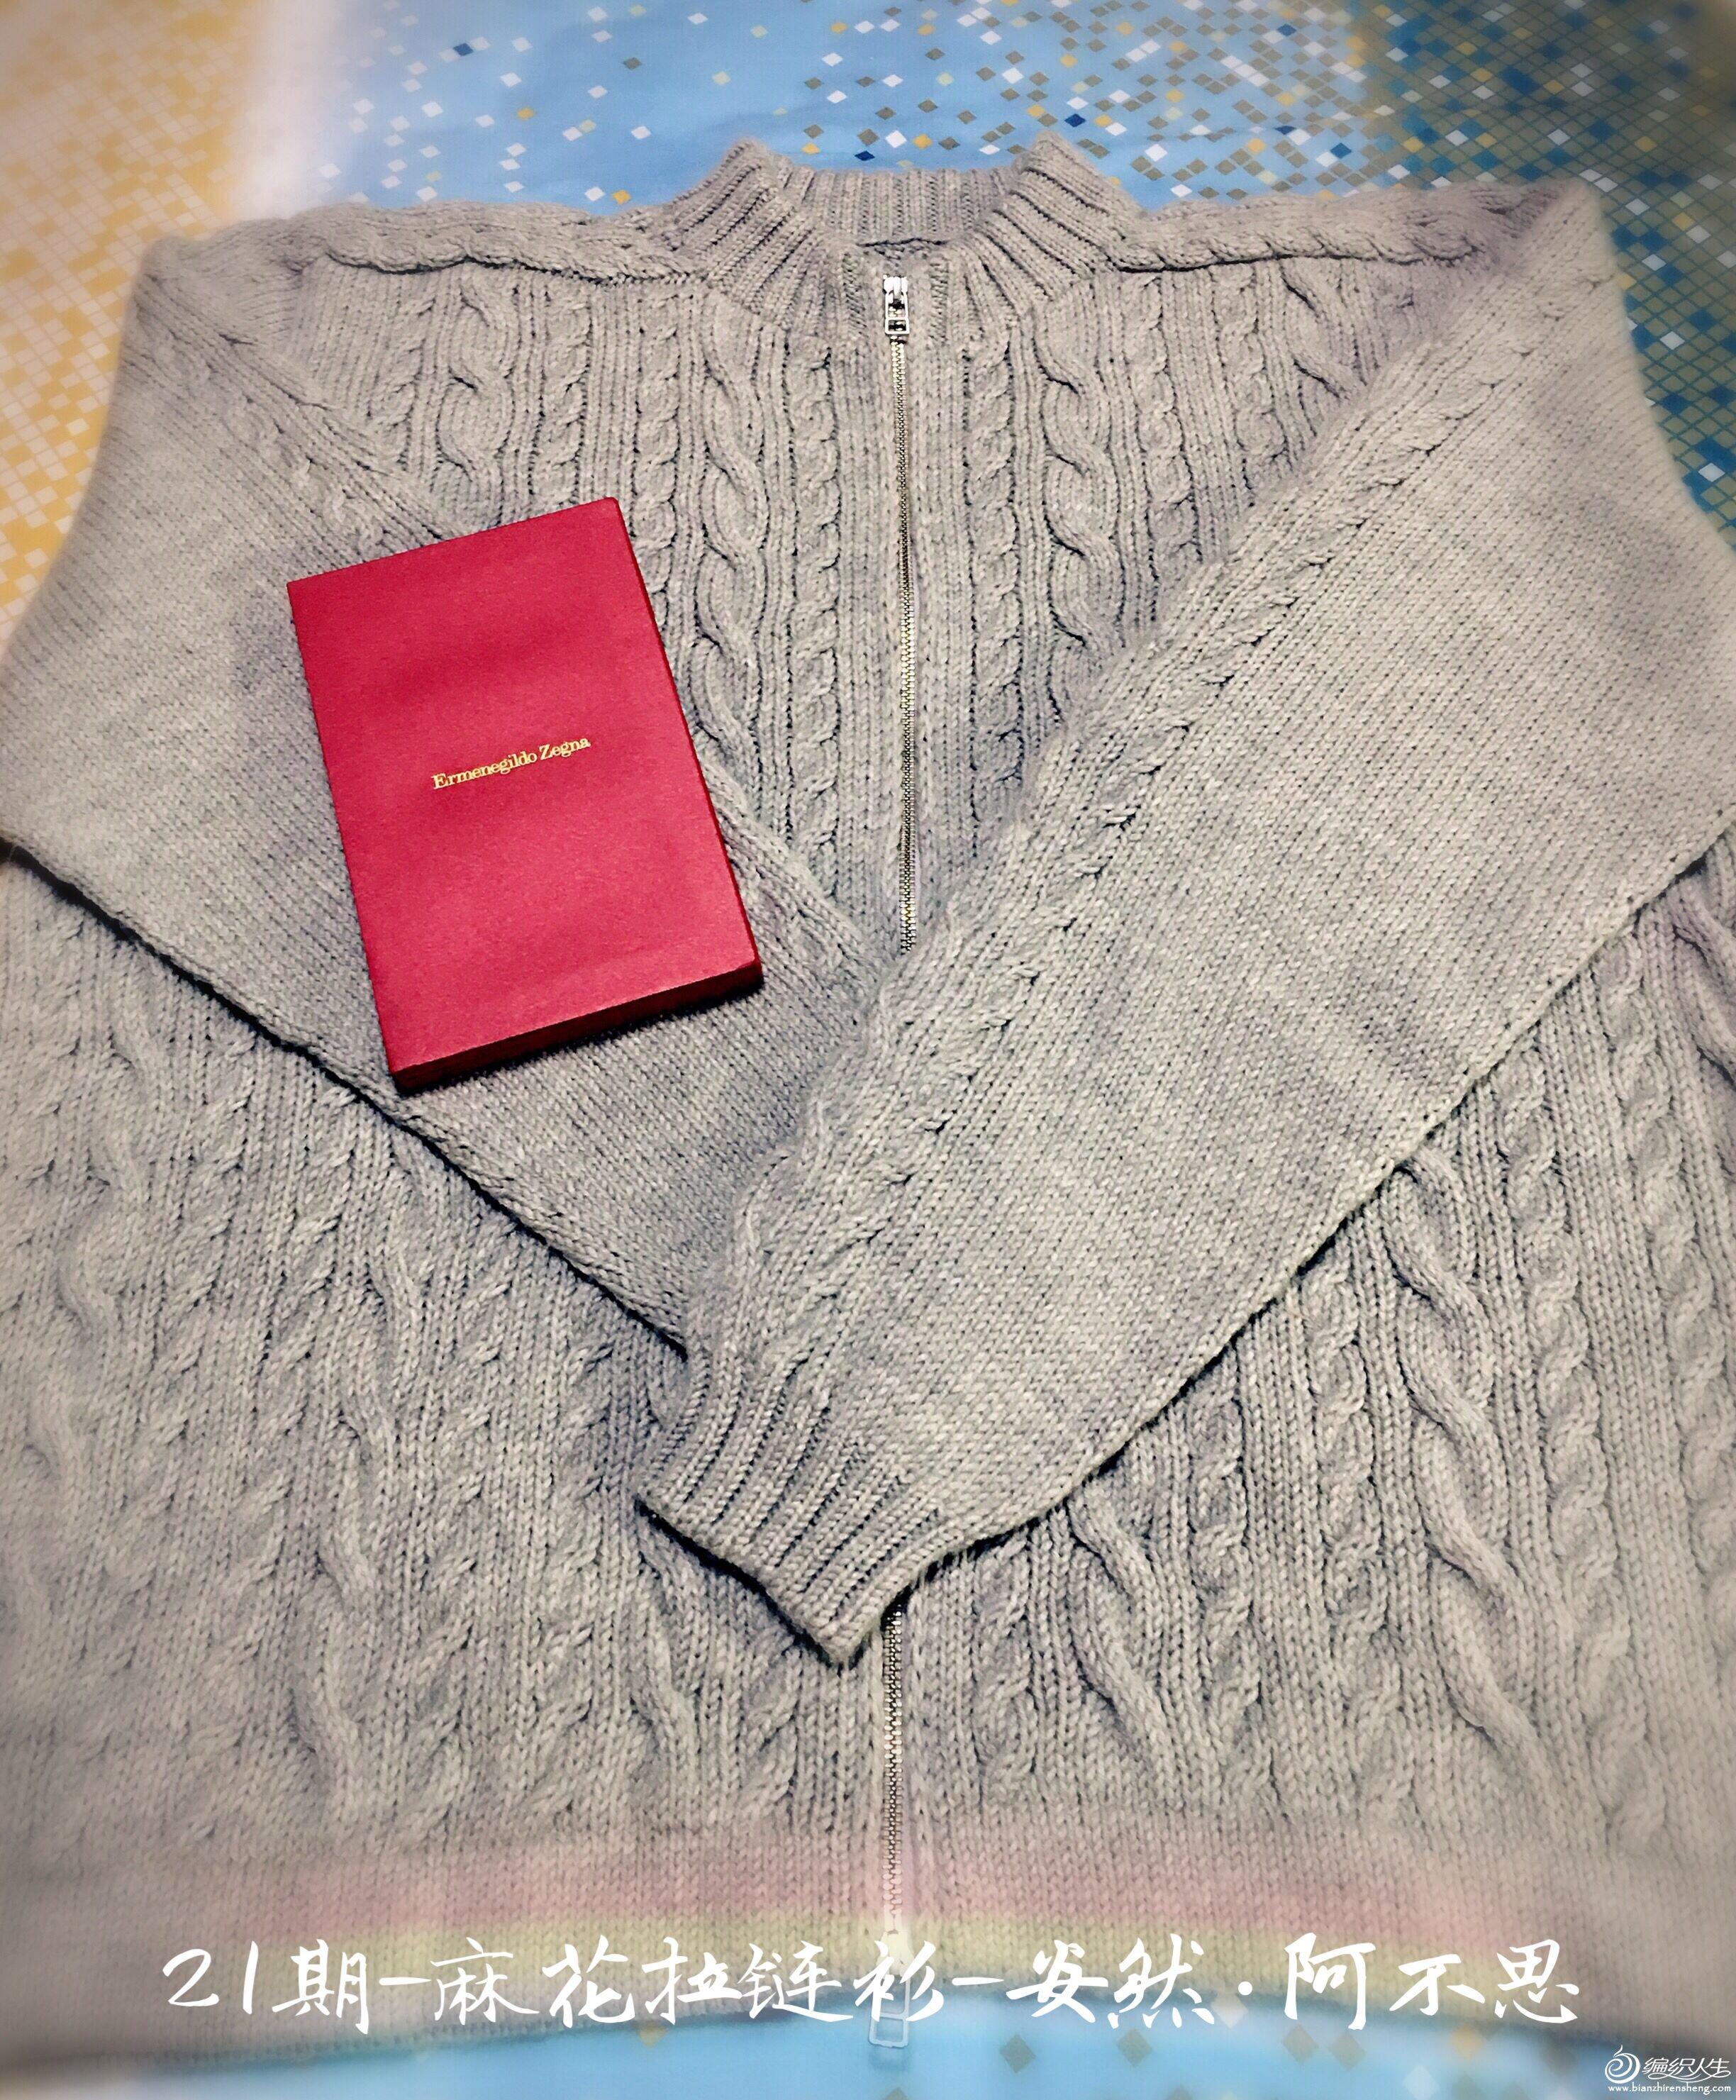 21期-麻花拉链衫-安然·阿不思.jpg